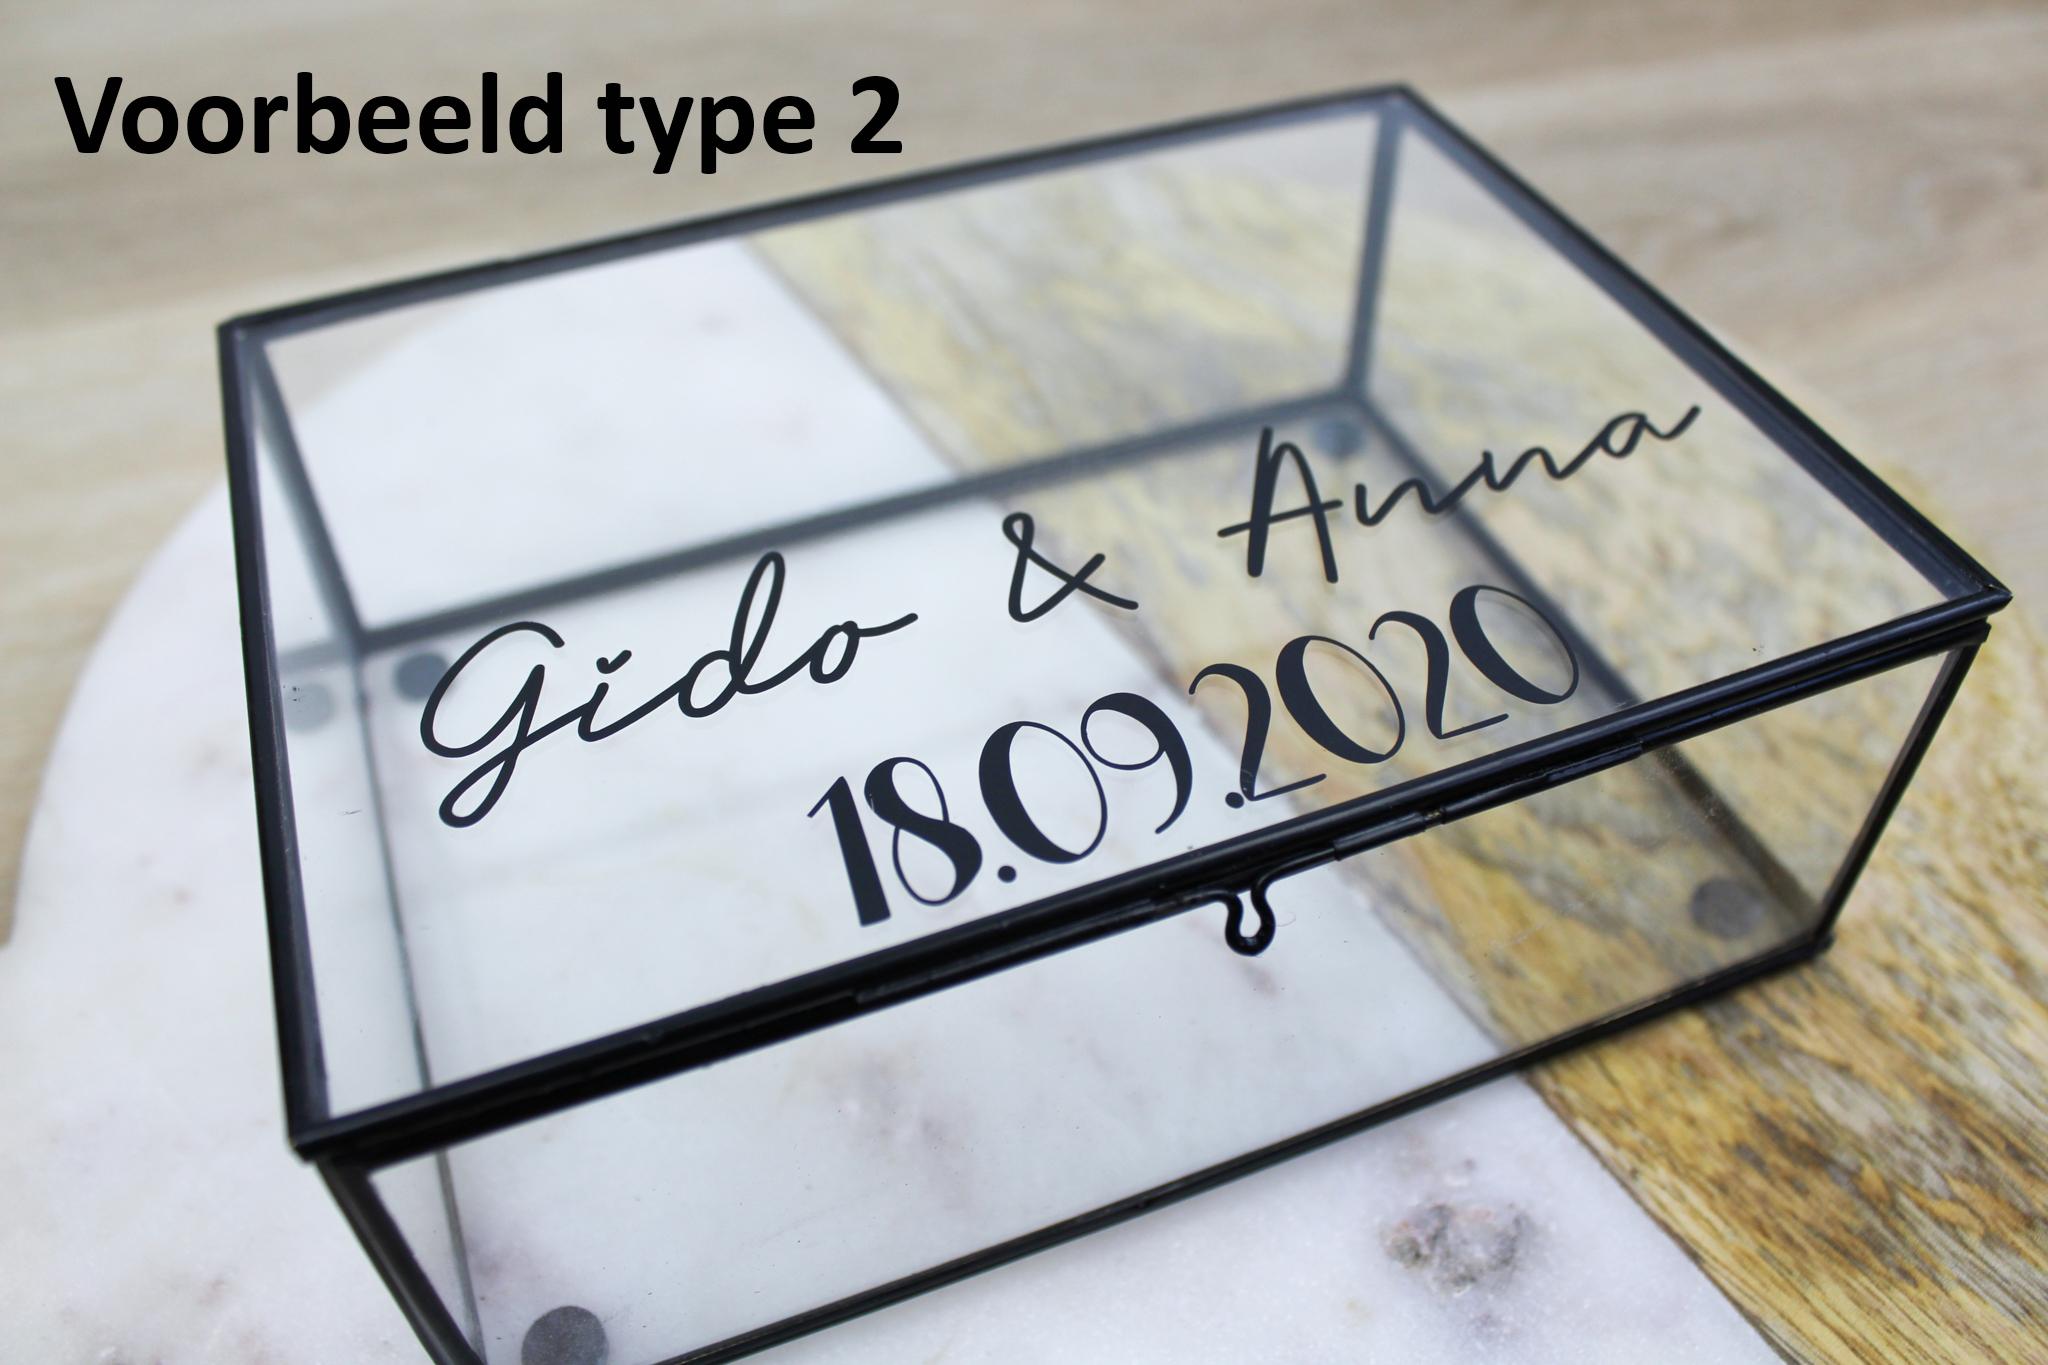 glazen box ideefabriek cadeau voorbeeld van type 5